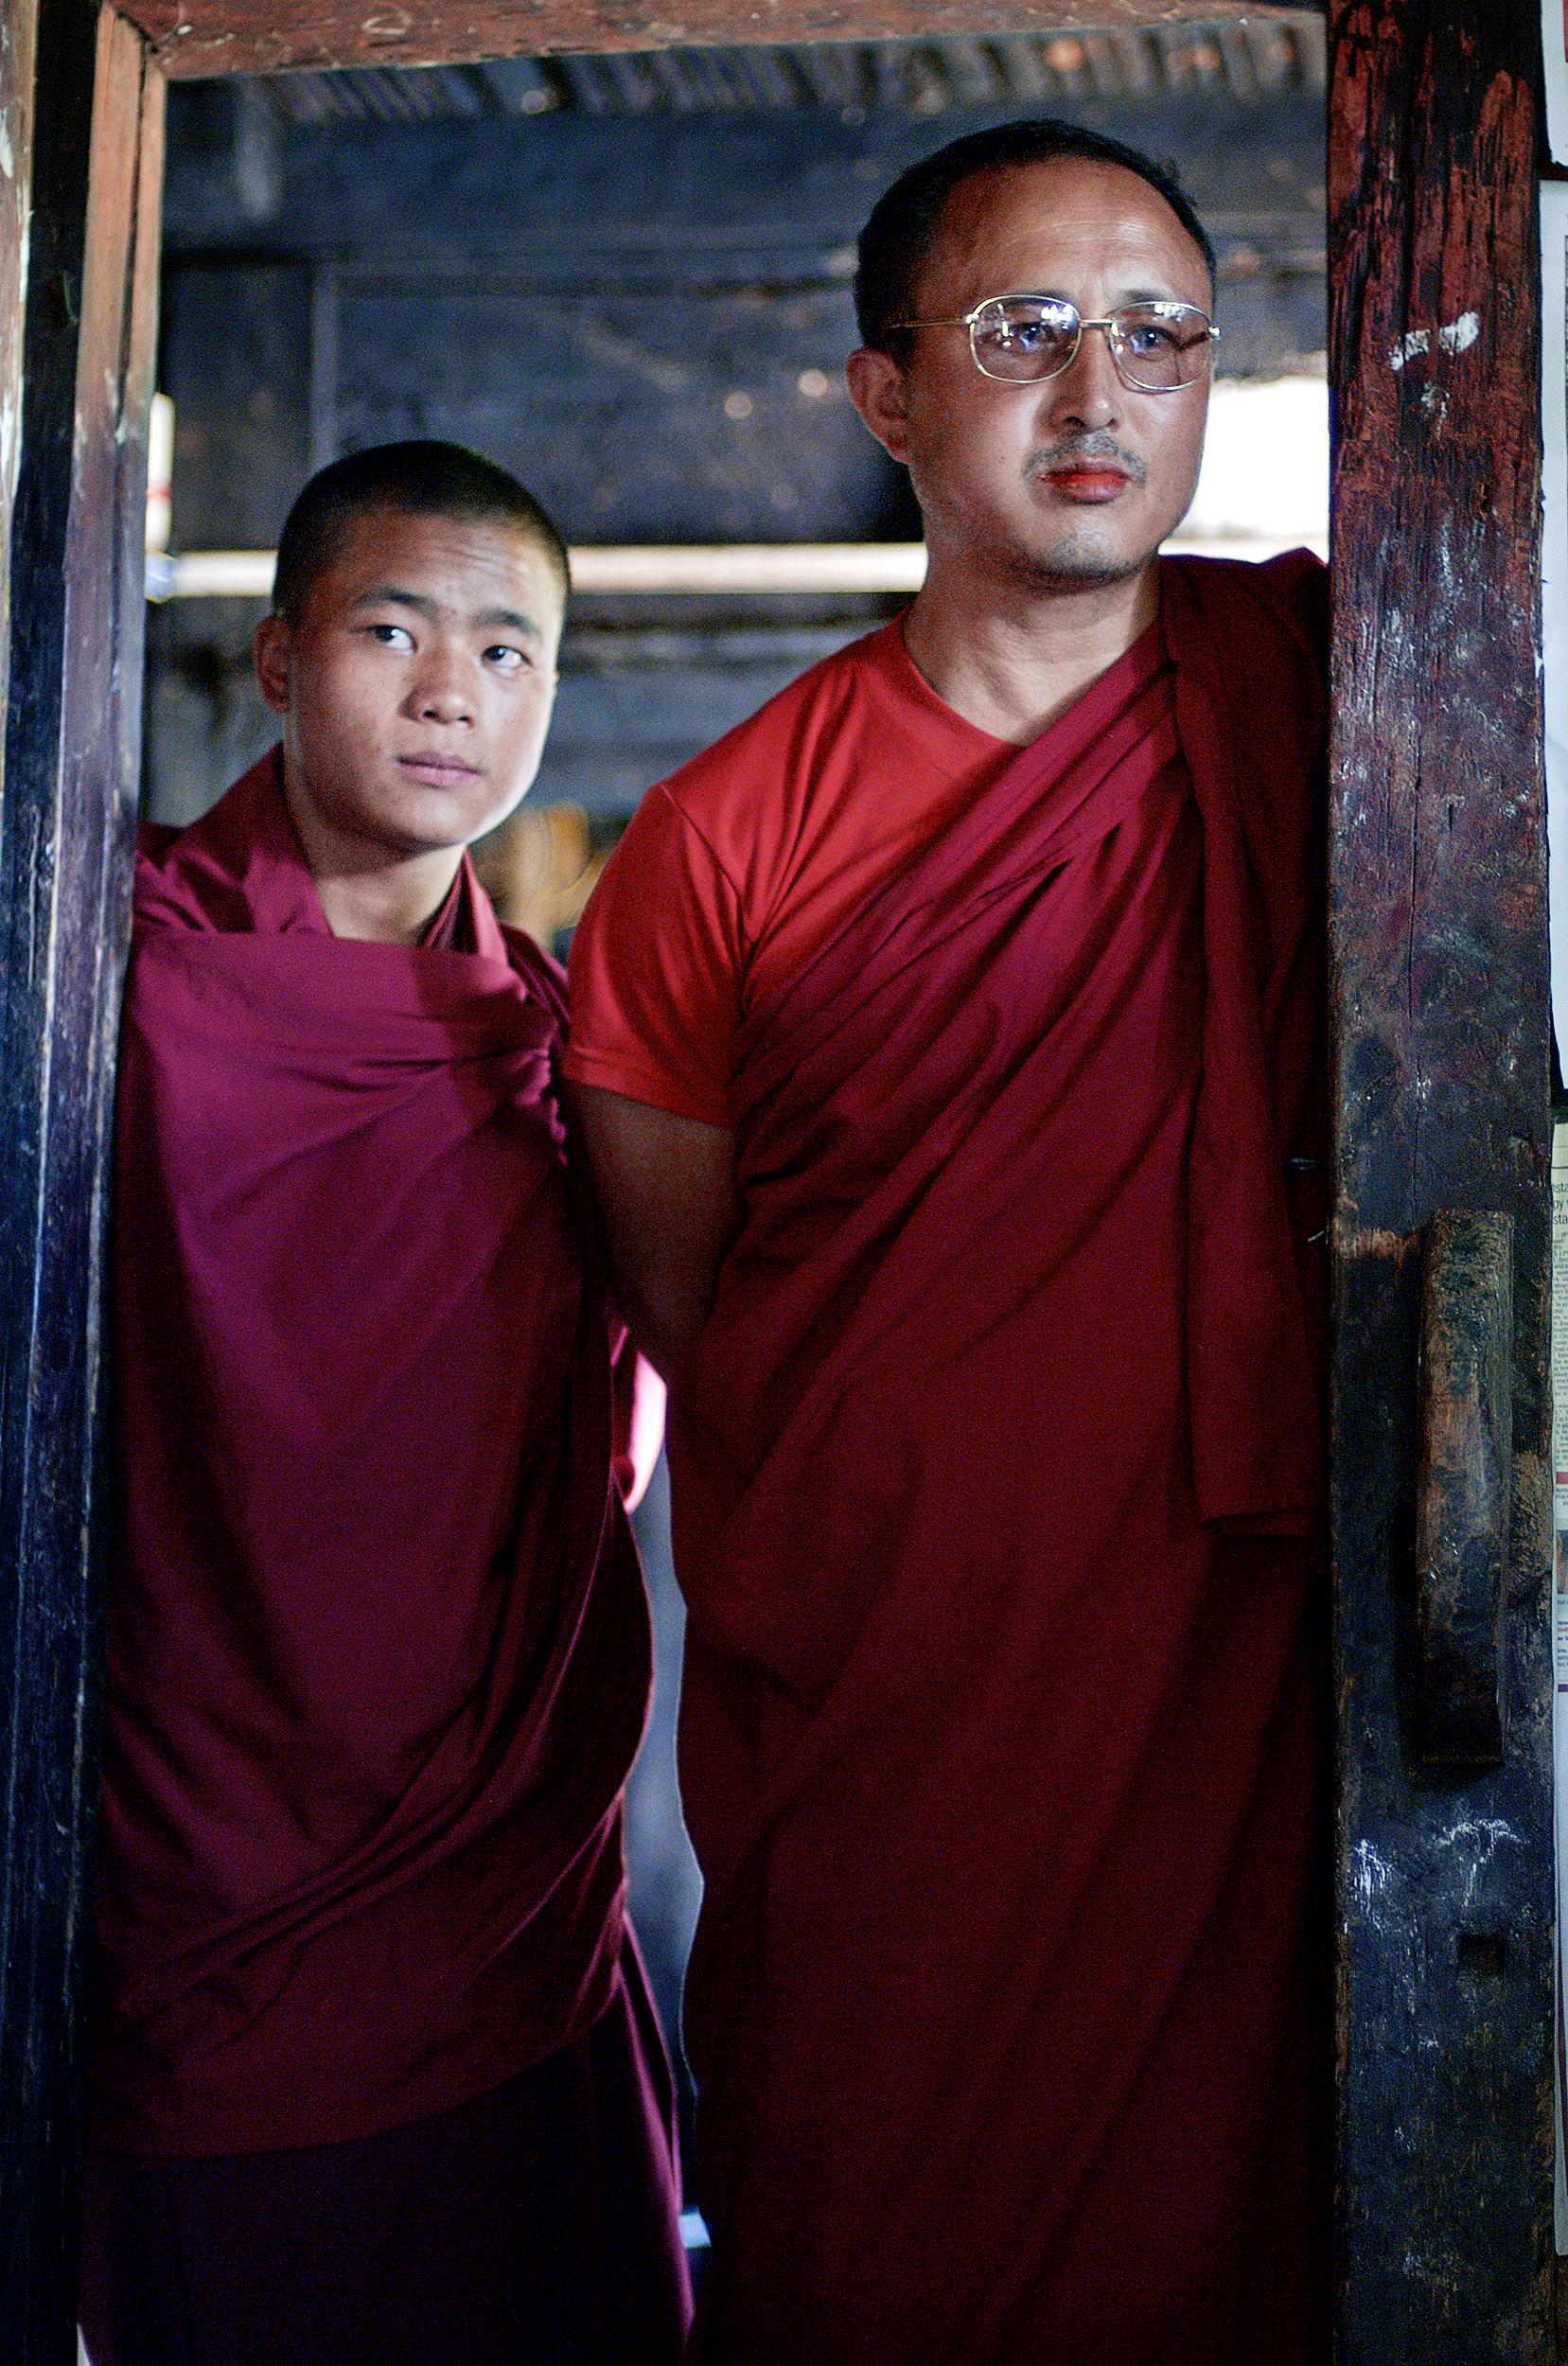 Thinley Dorjee    (left) with his teacher during a puja (religious ritual) 10.09.07 Eusakha.